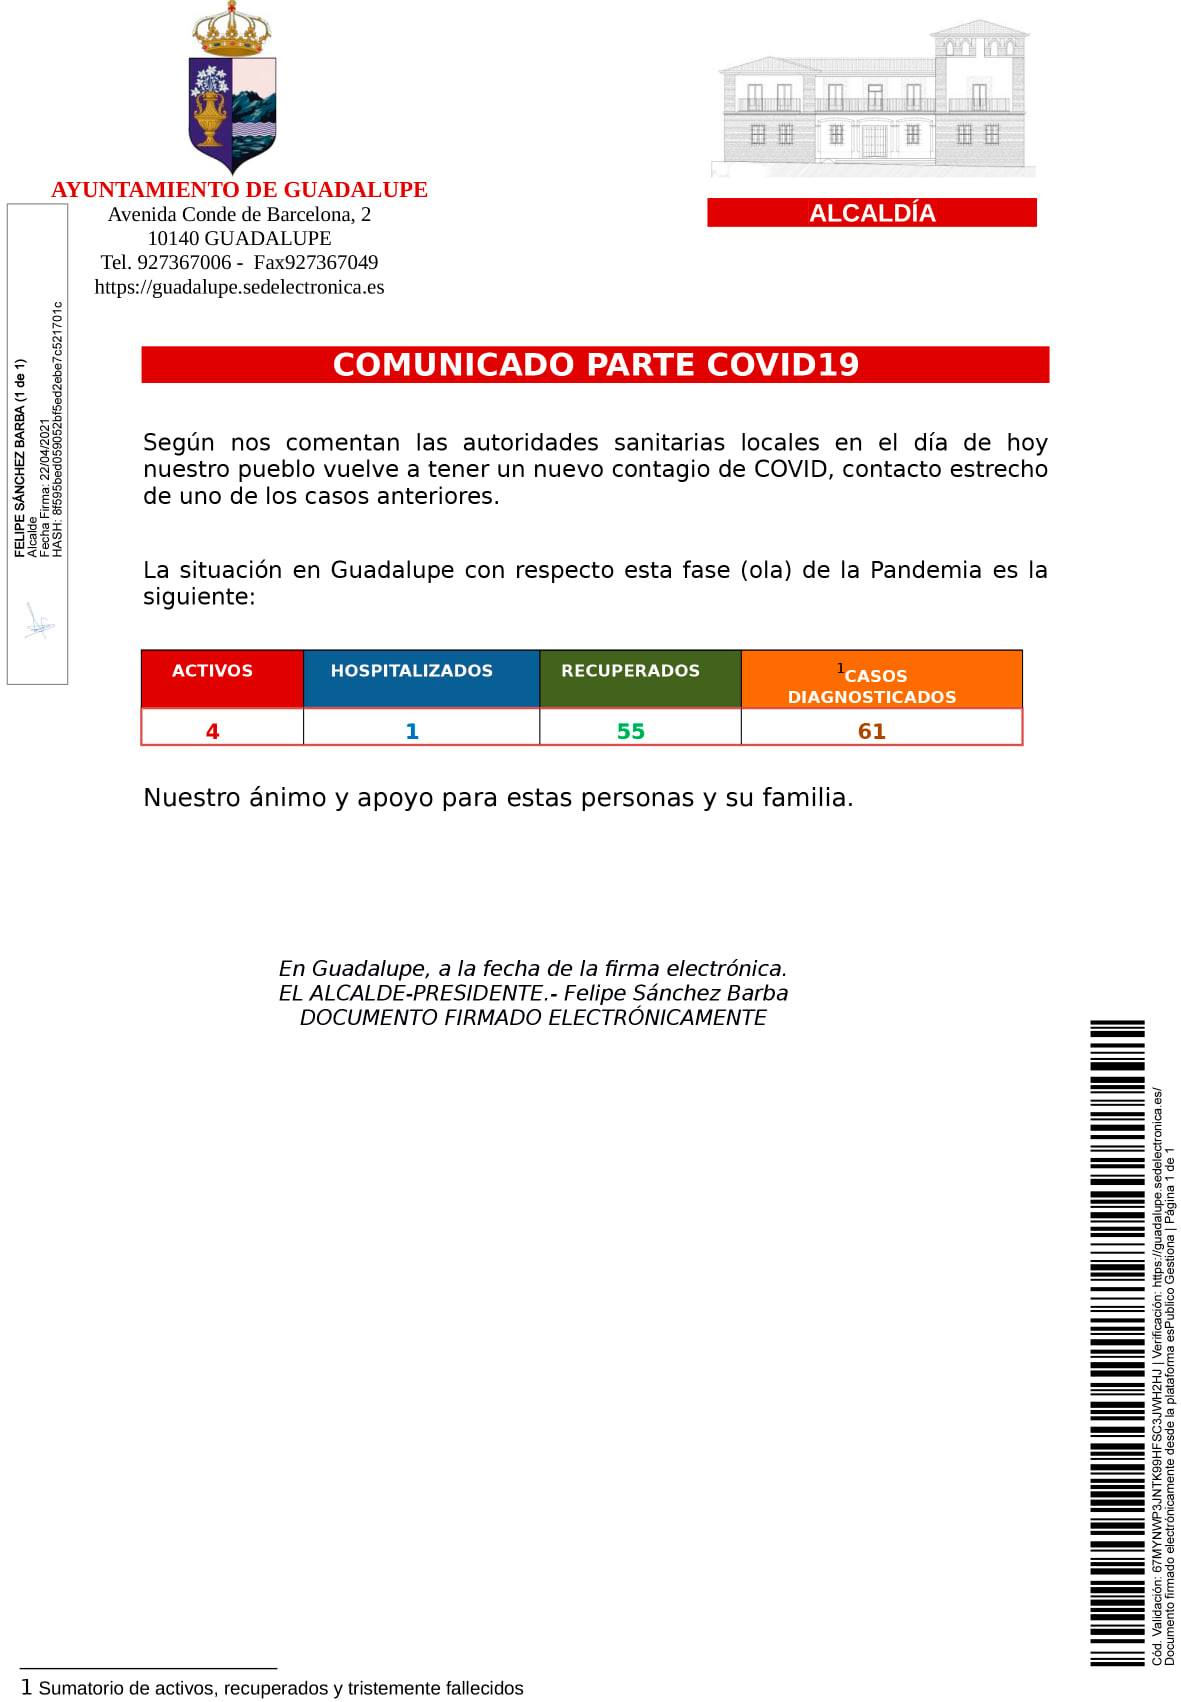 Nuevo caso positivo de COVID-19 (abril 2021) - Guadalupe (Cáceres)